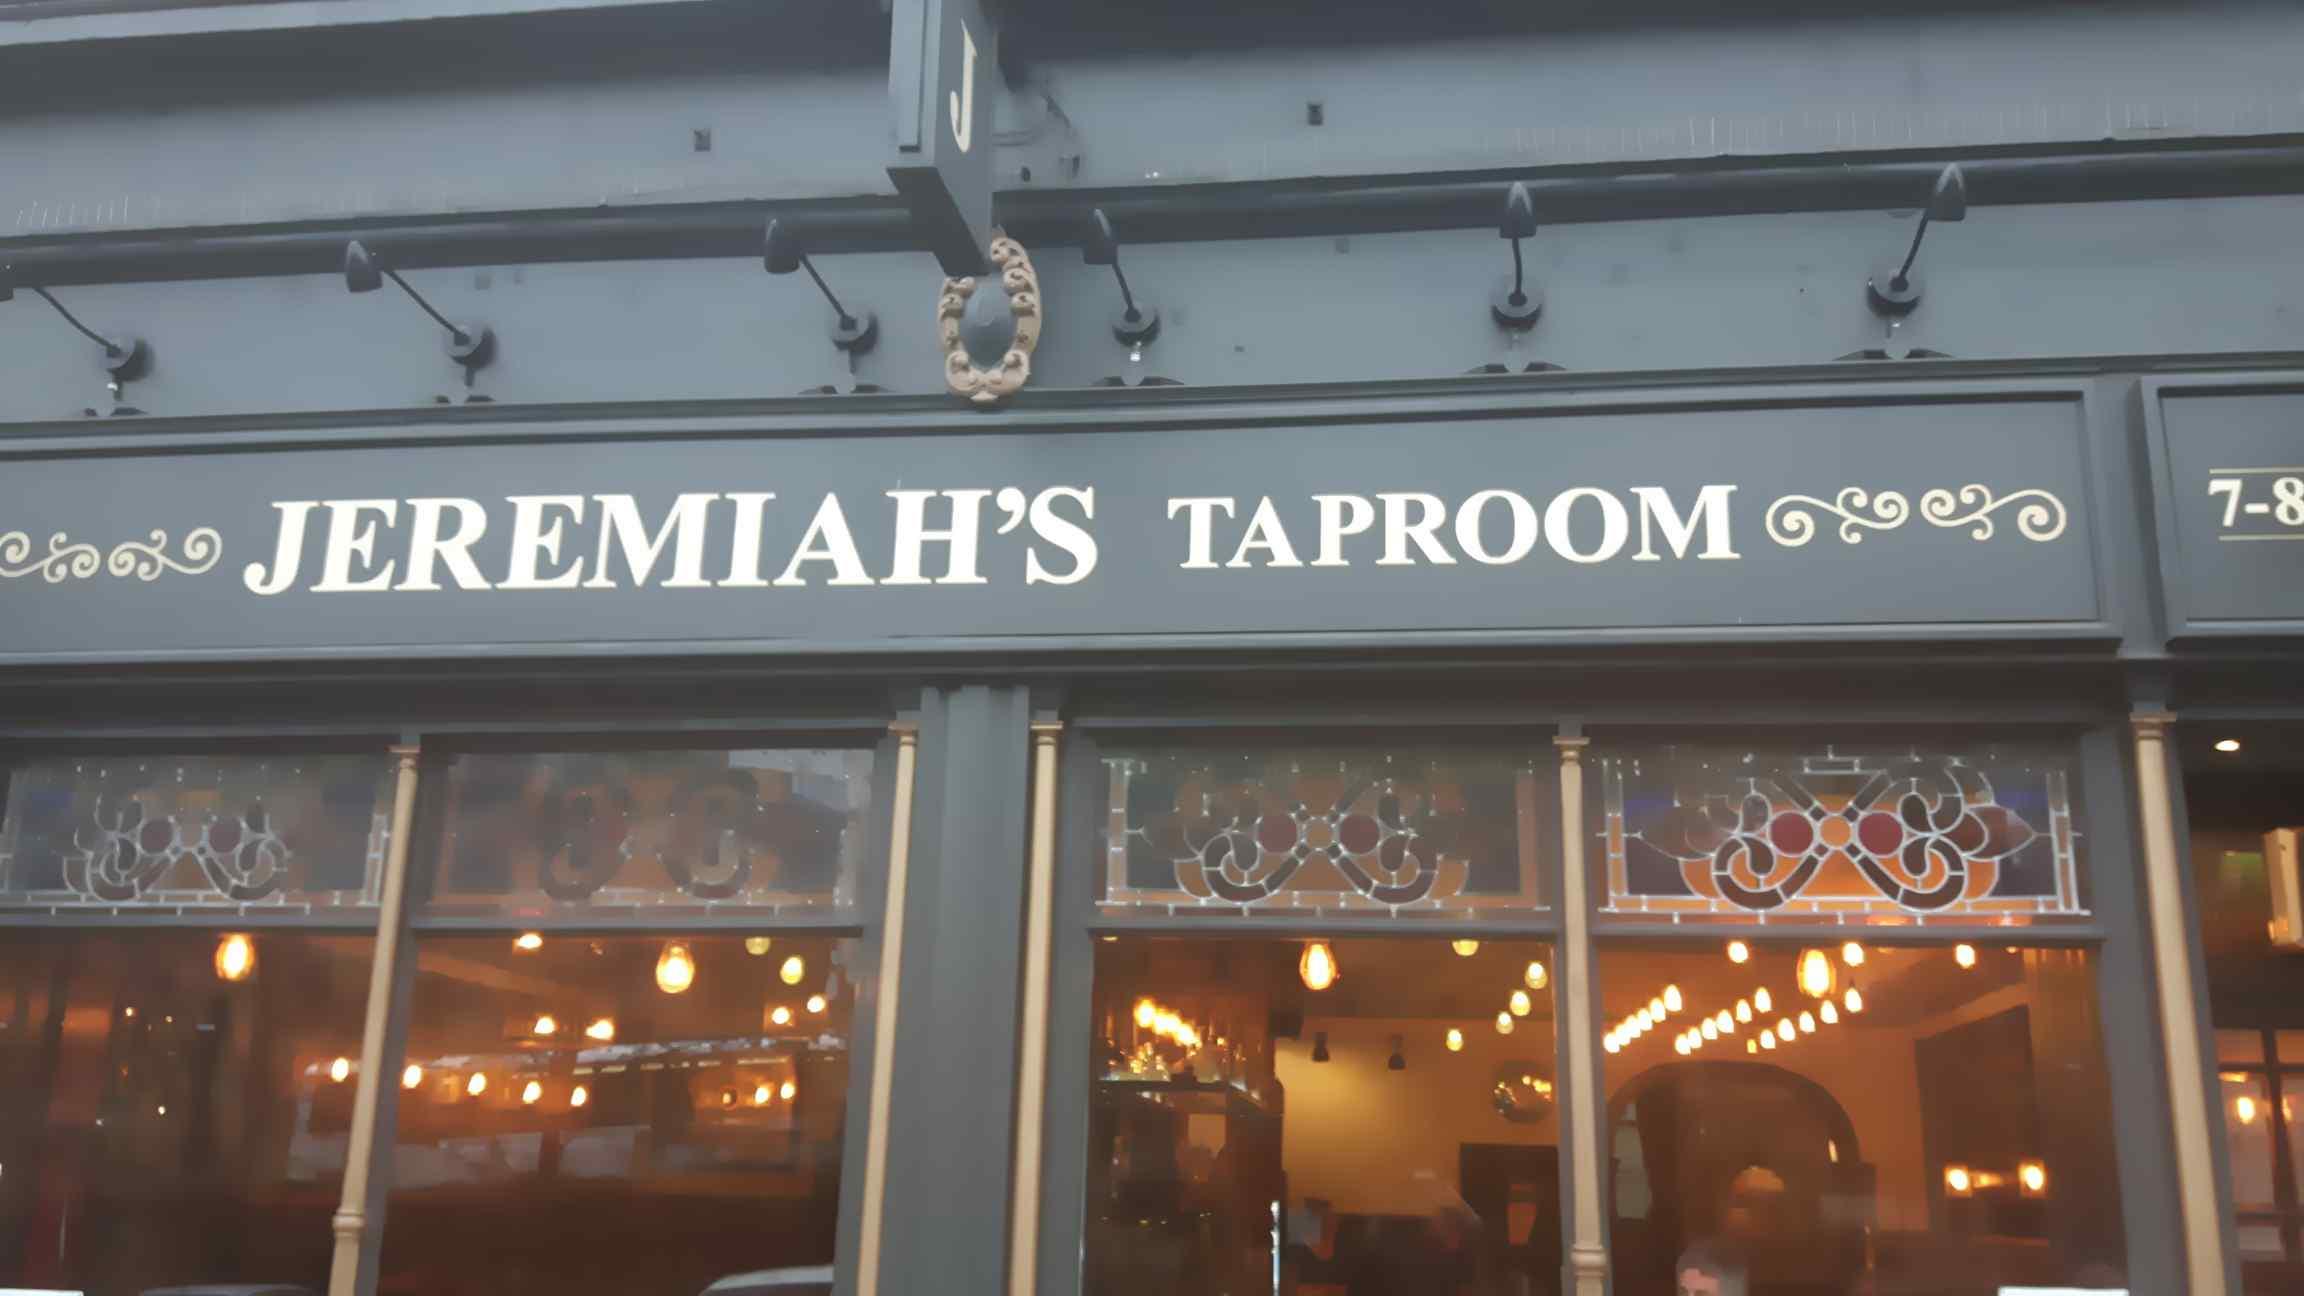 JeremiahsTaproom